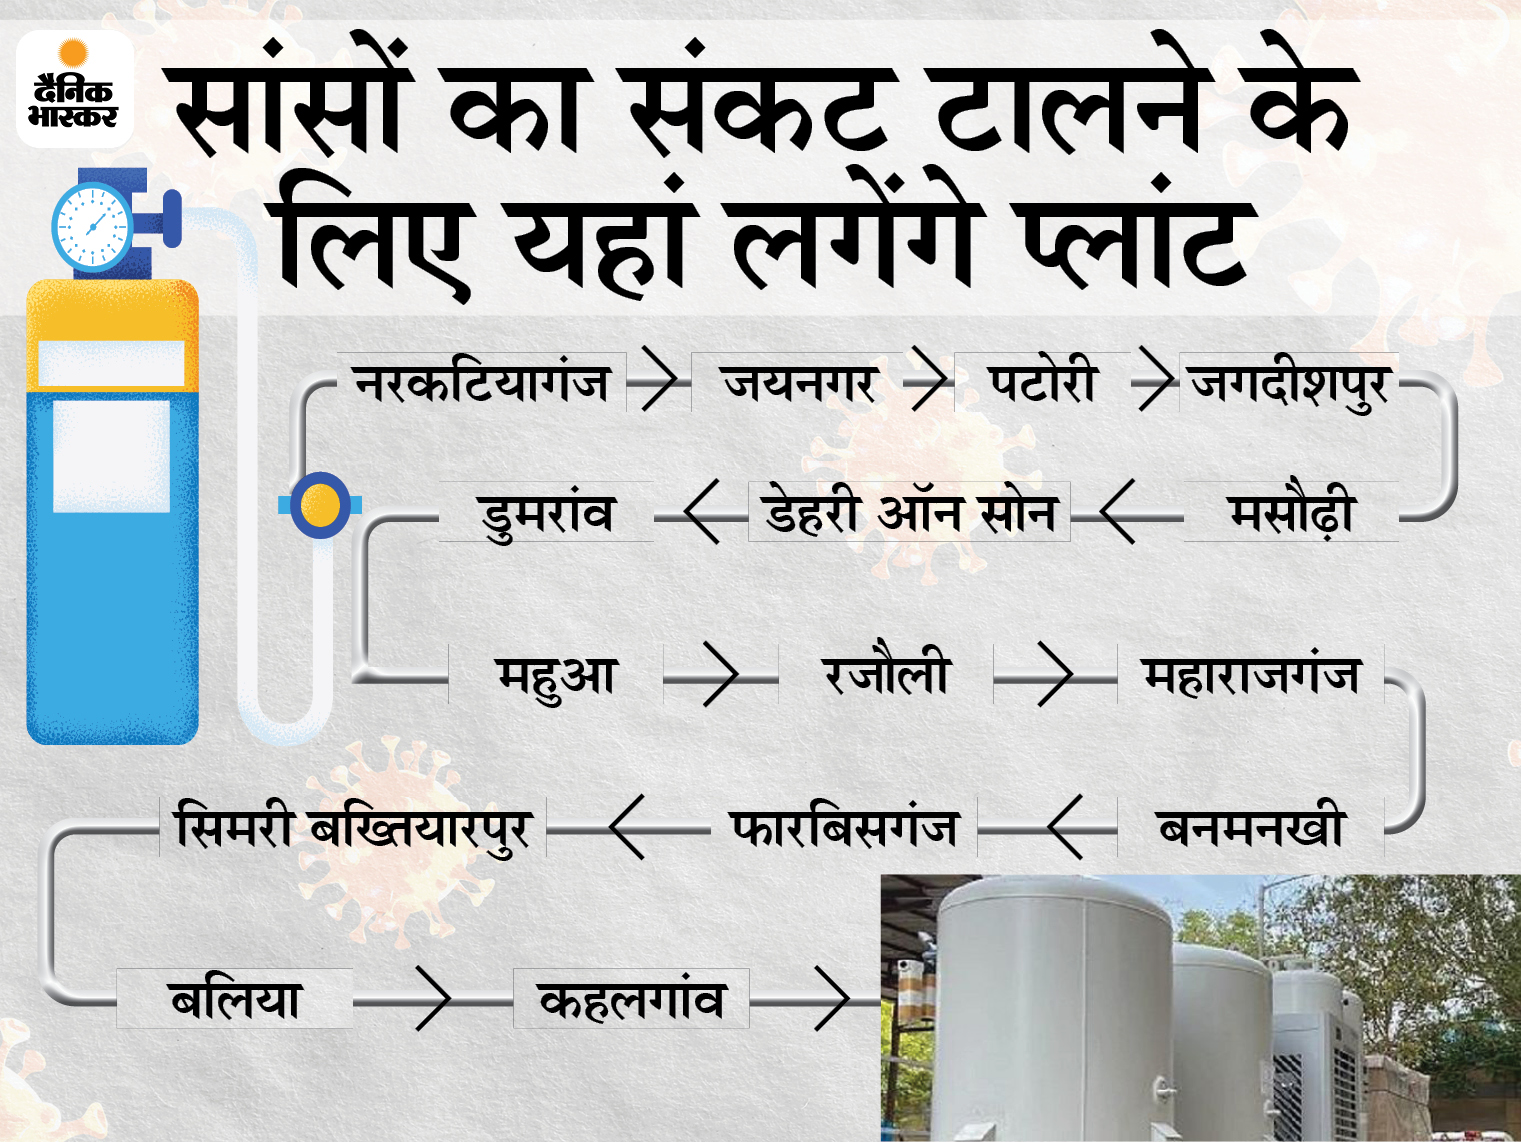 7 दिन में NHAI पूरा कर देगी काम, एक मिनट में 960 लीटर ऑक्सीजन बनेगी; मरीजों को सीधी सप्लाई मिलेगी|बिहार,Bihar - Dainik Bhaskar